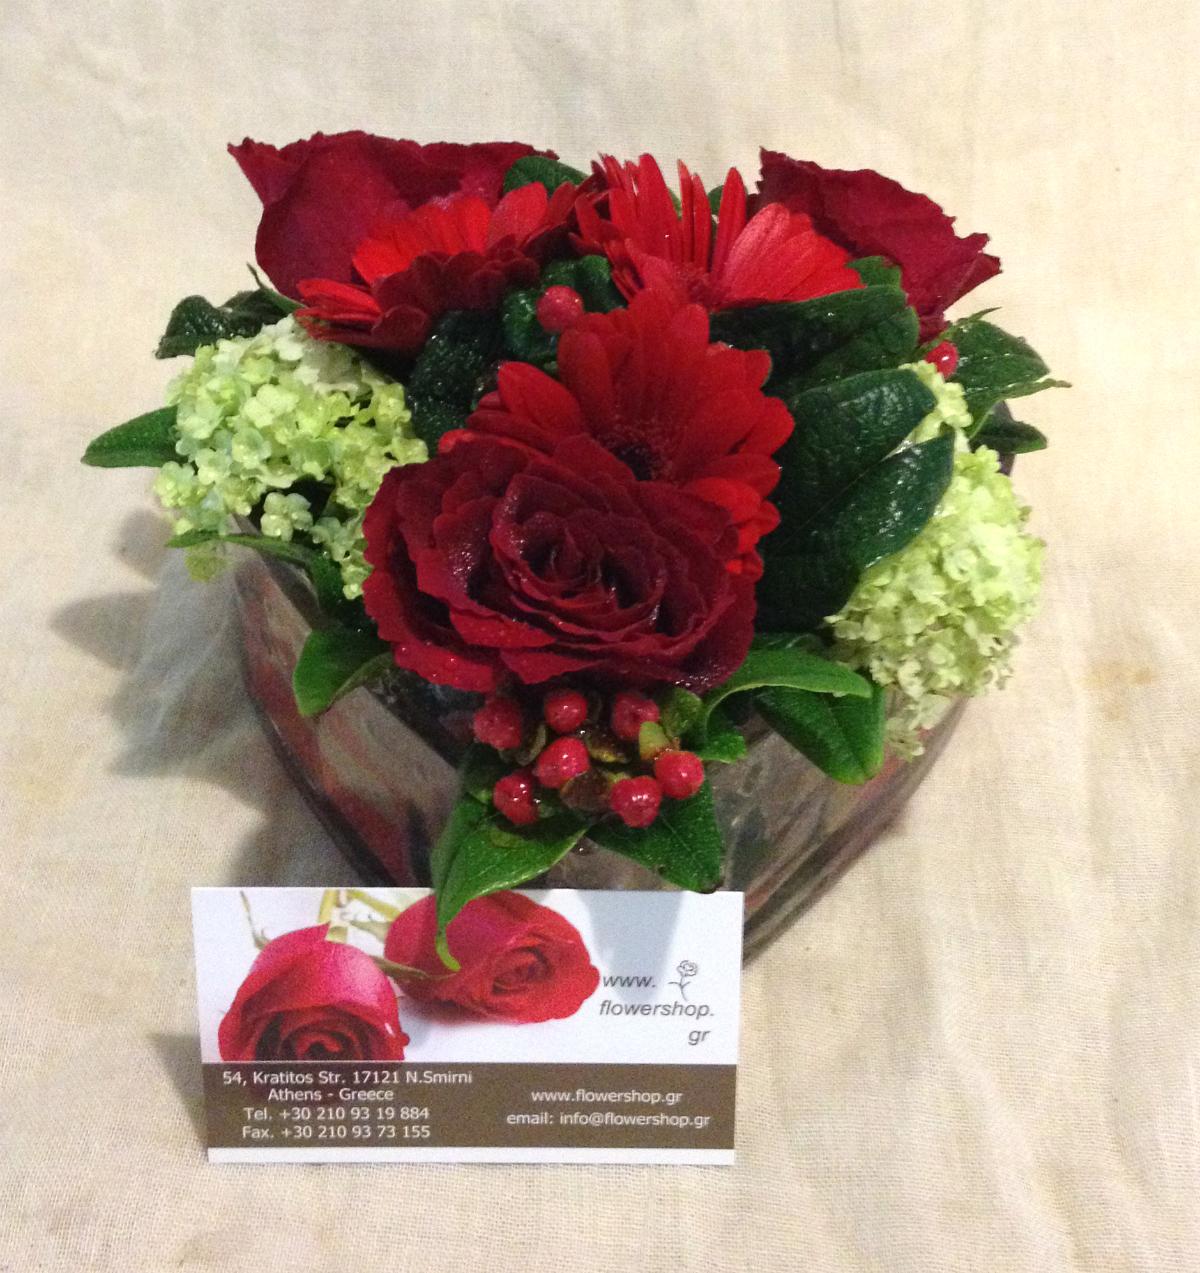 Valentine Heart Shaped Flowers In Glass - flowershop.gr